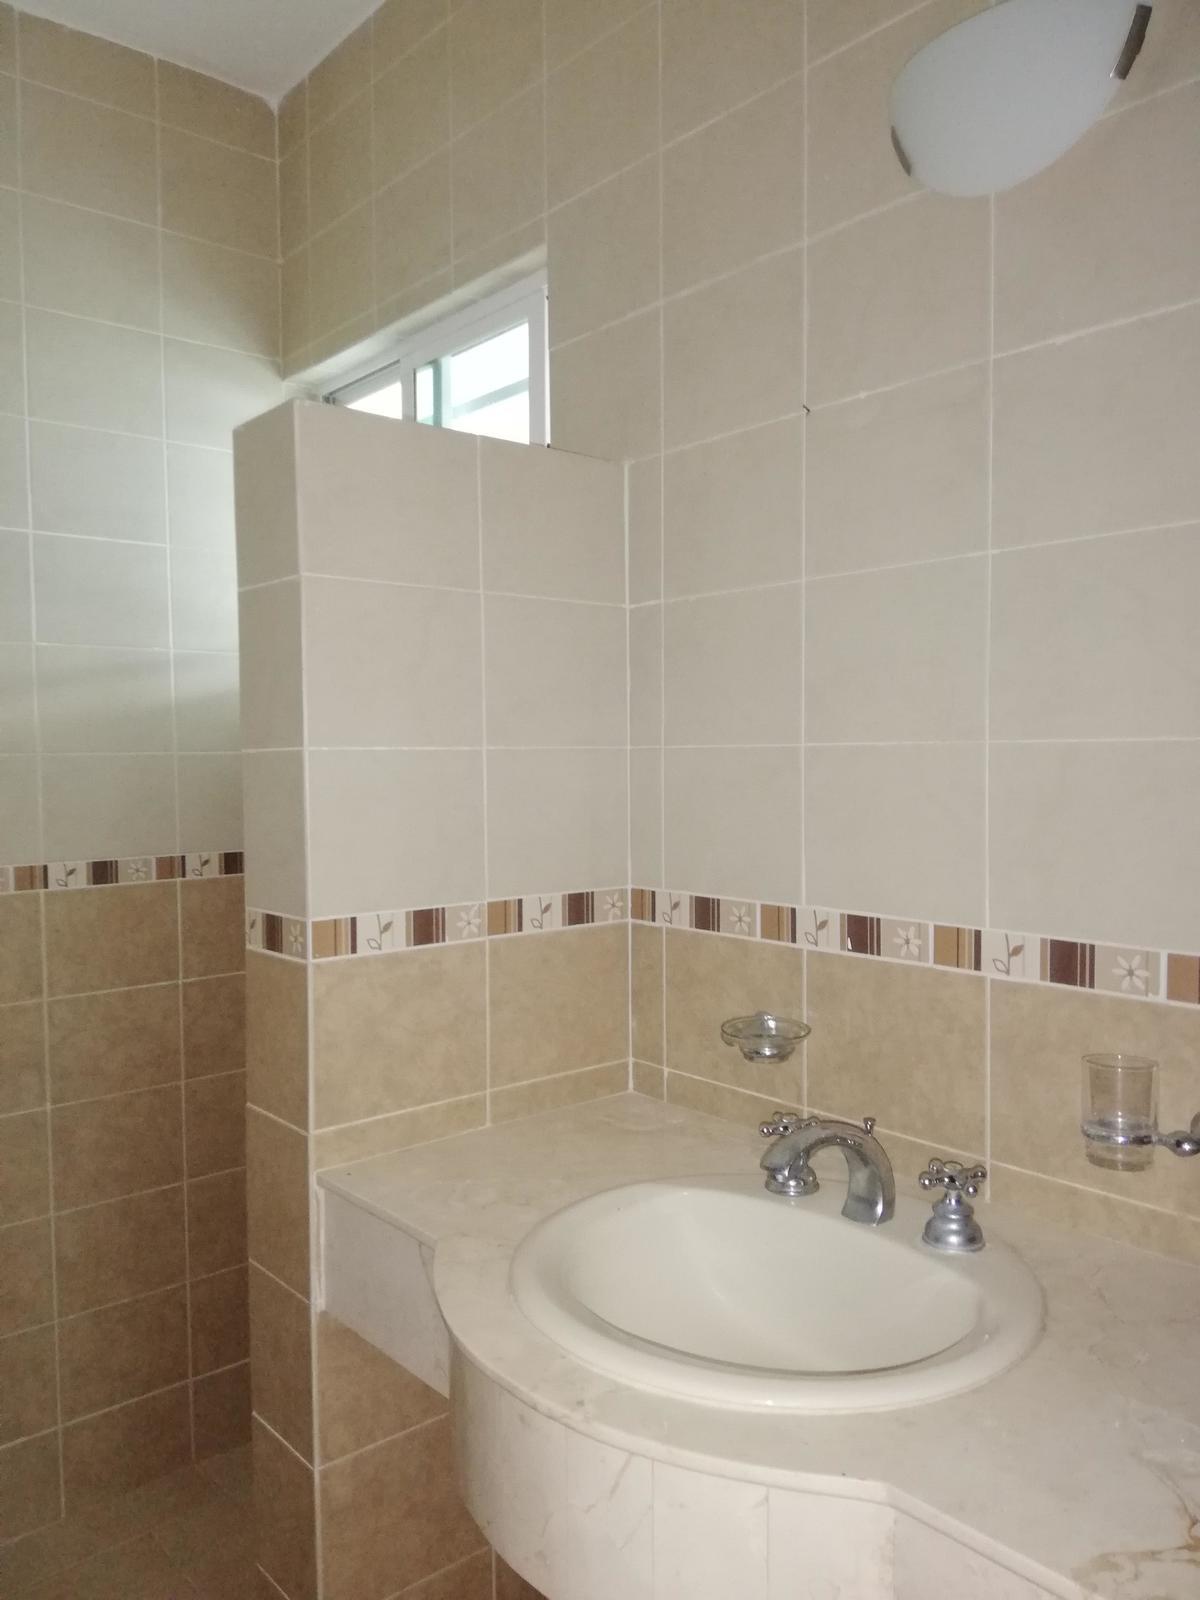 18 de 22: 2 baños completos con meseta de piedra